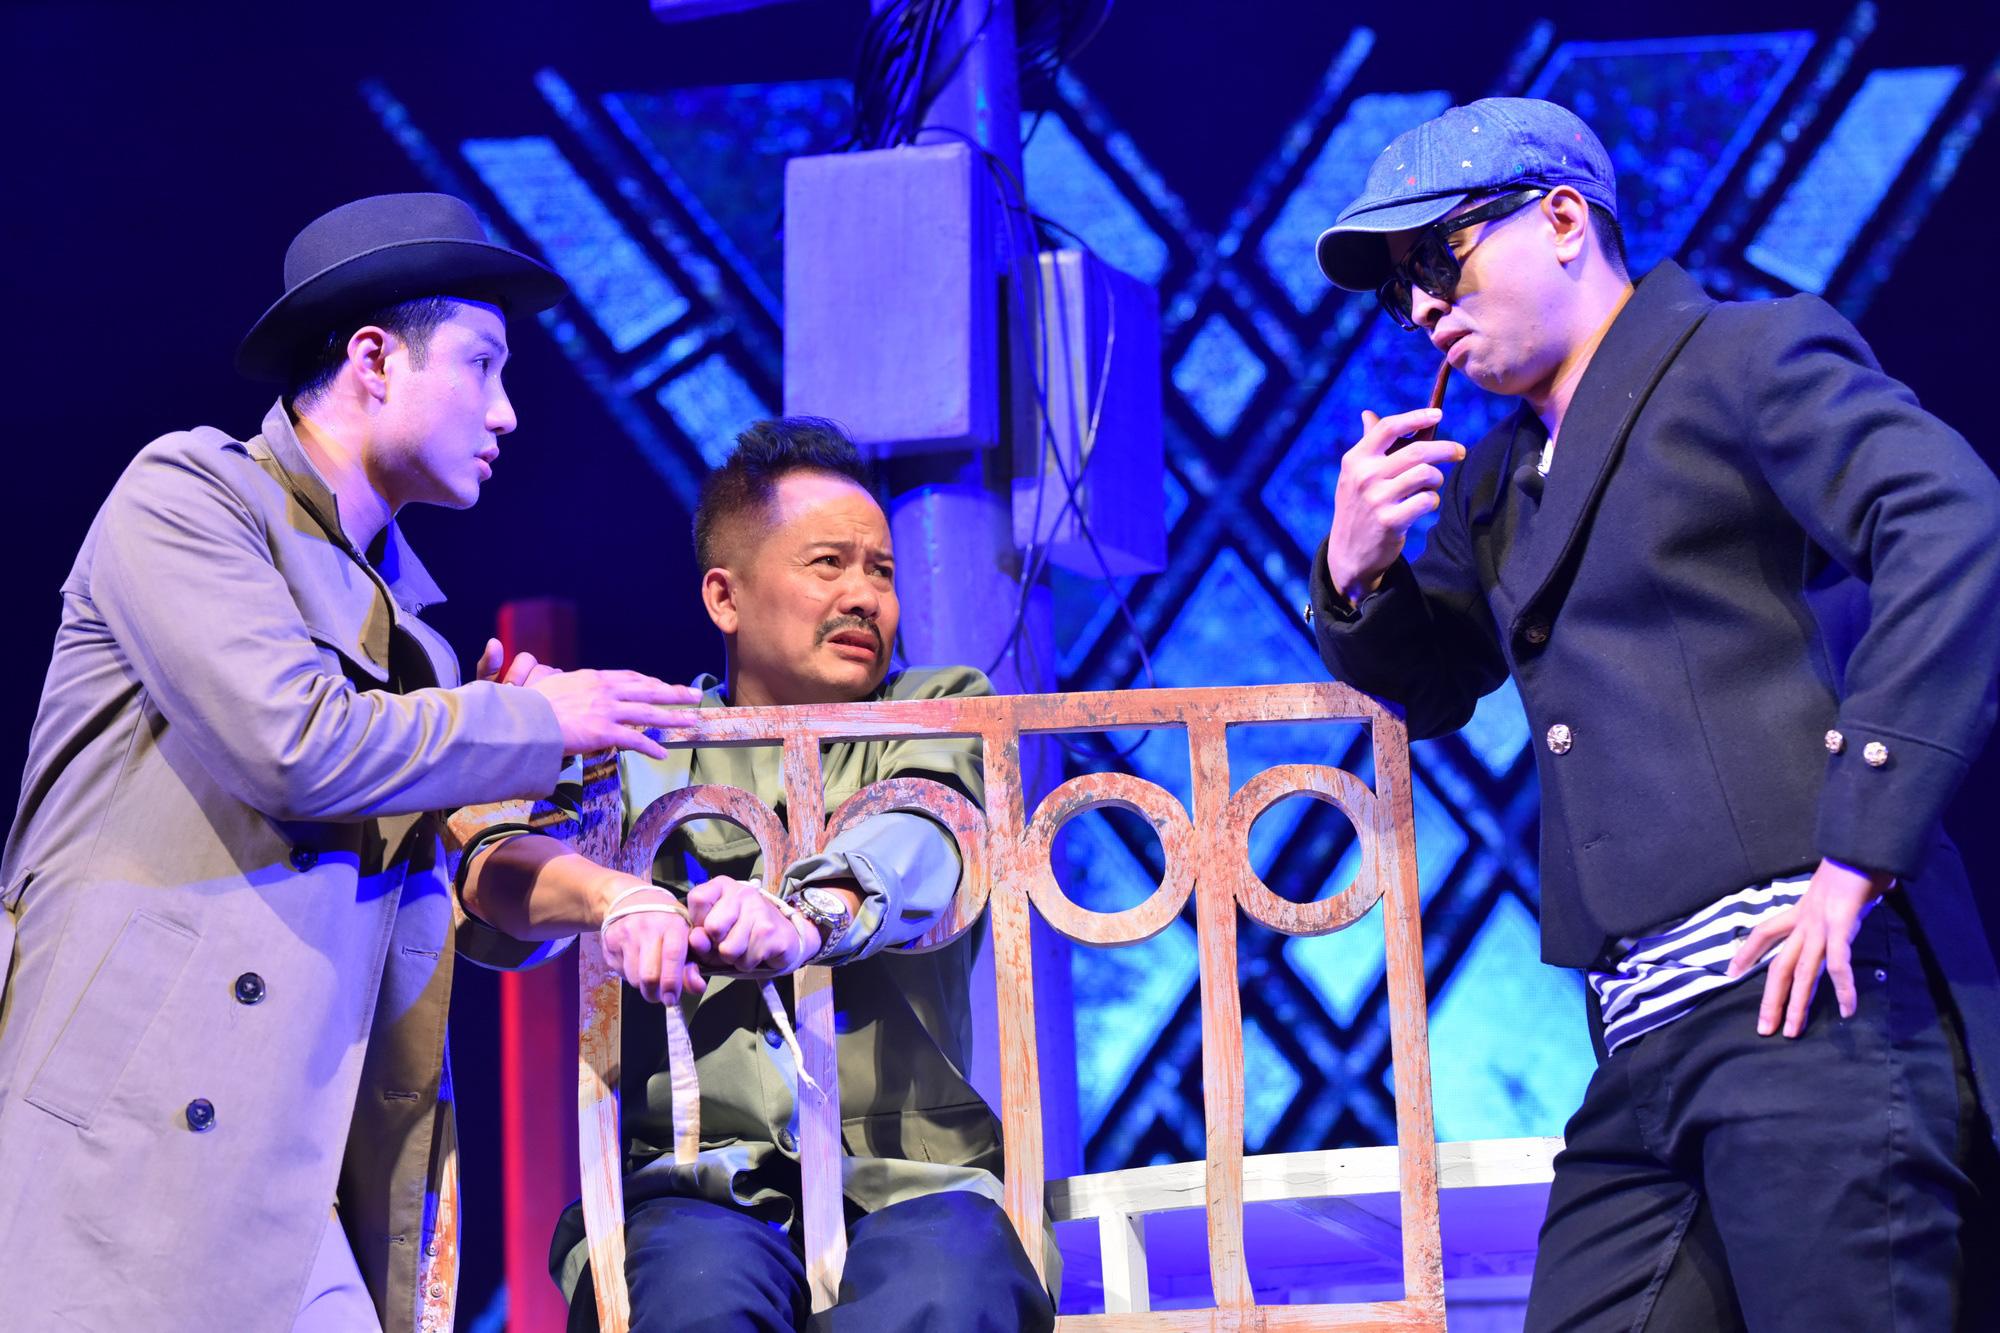 Nhà hát Tuổi trẻ tổ chức chuỗi chương trình Sức sống kịch Lưu Quang Vũ - Ảnh 1.